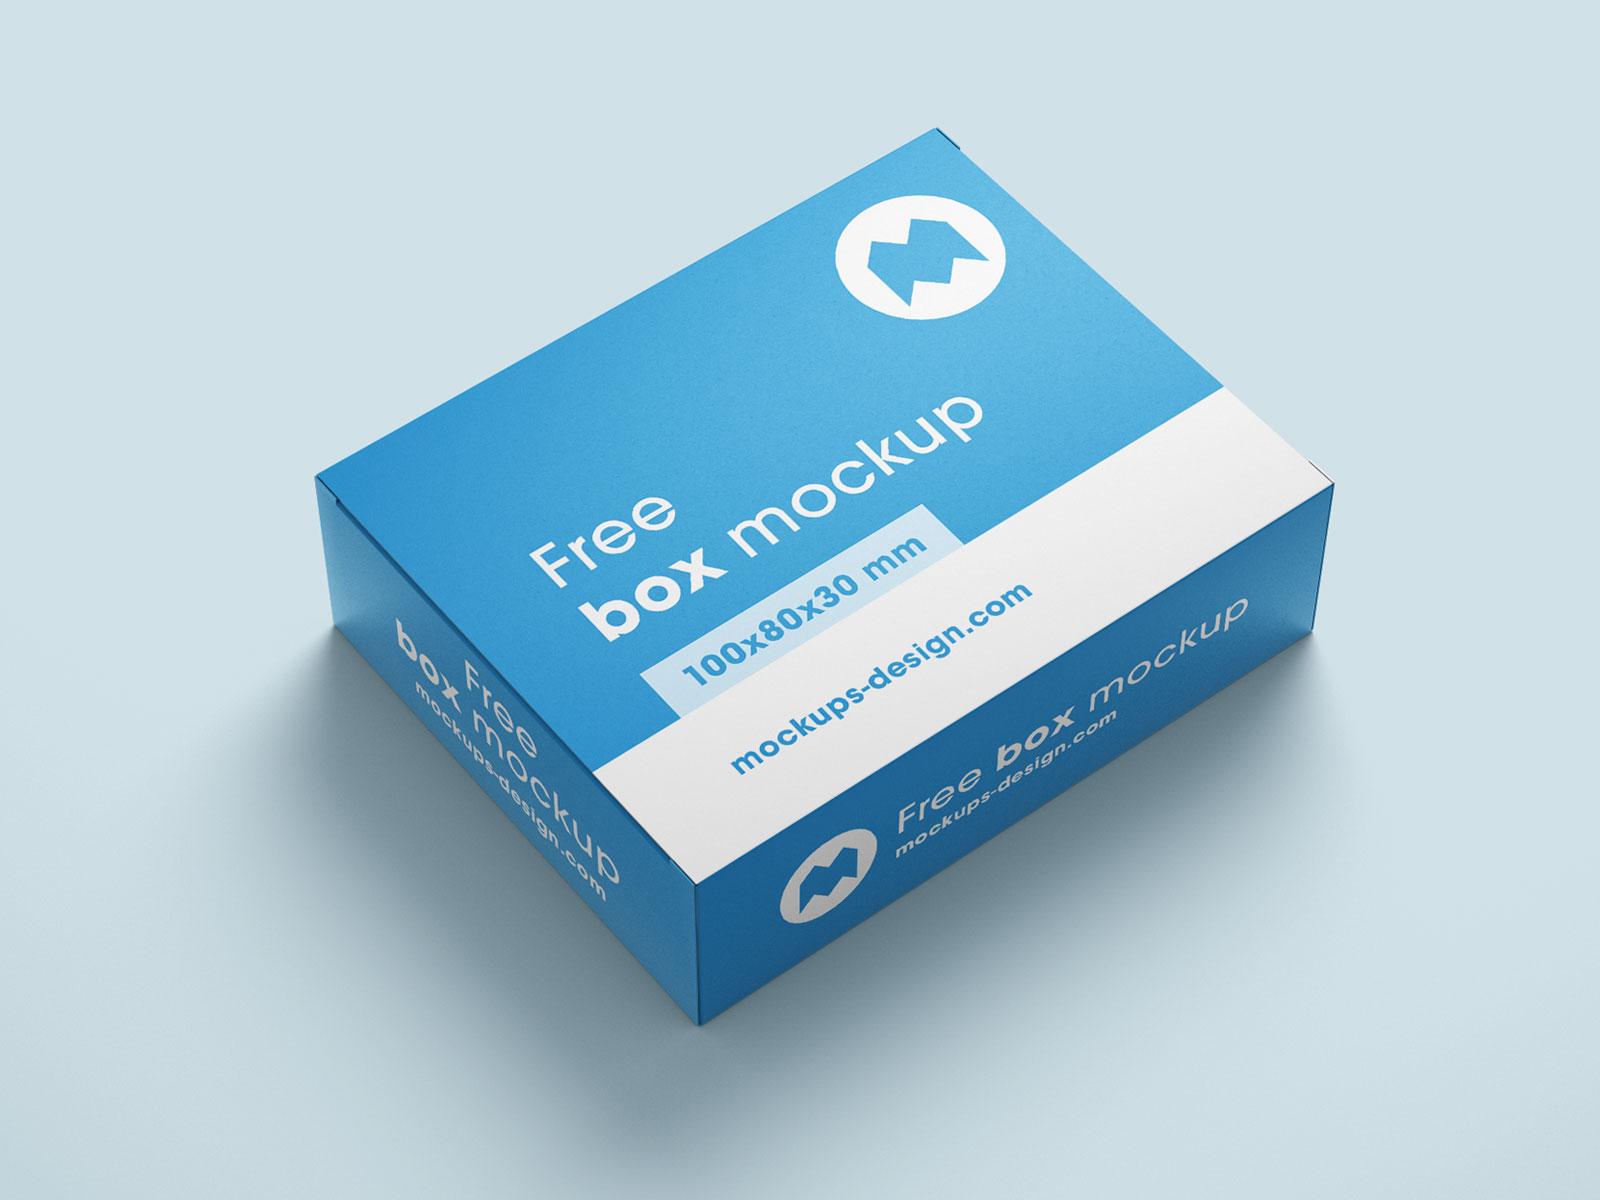 Free-Box-Packaging-Mockup-PSD-Set-2